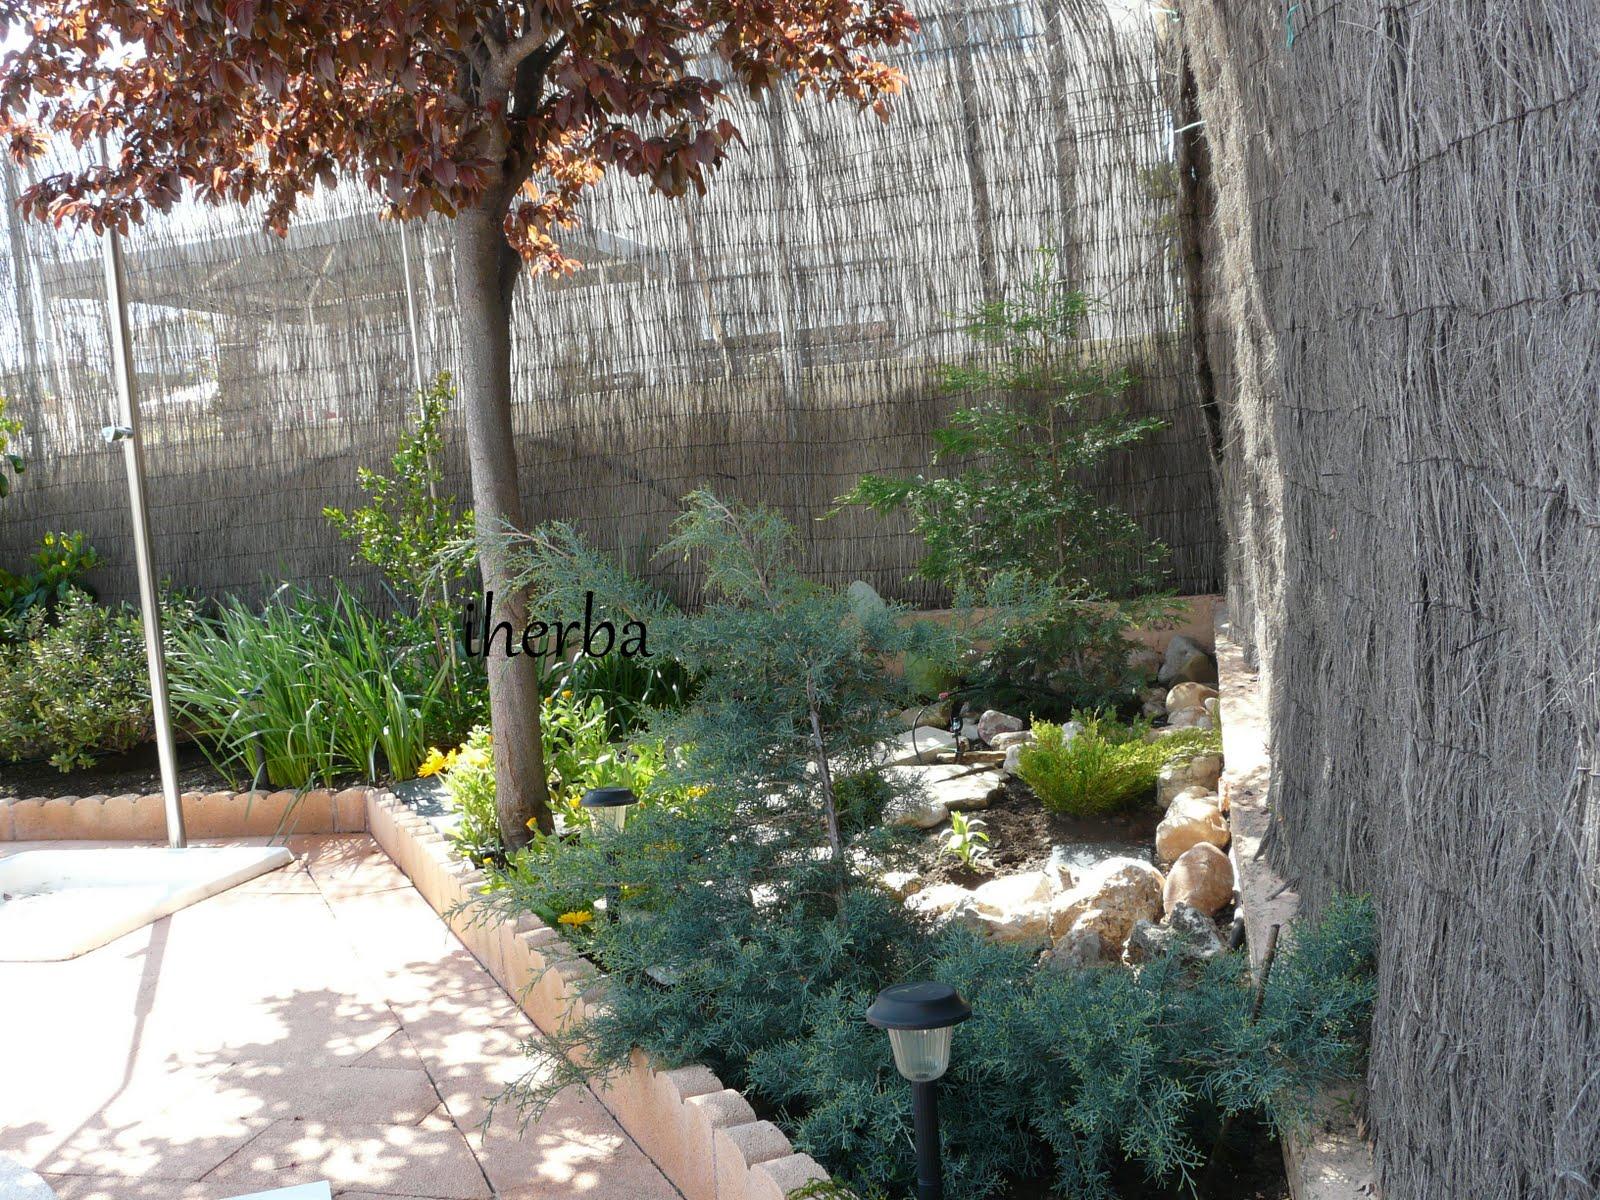 El mundo de las plantas de iherba semana de trabajo - Arriate jardin ...